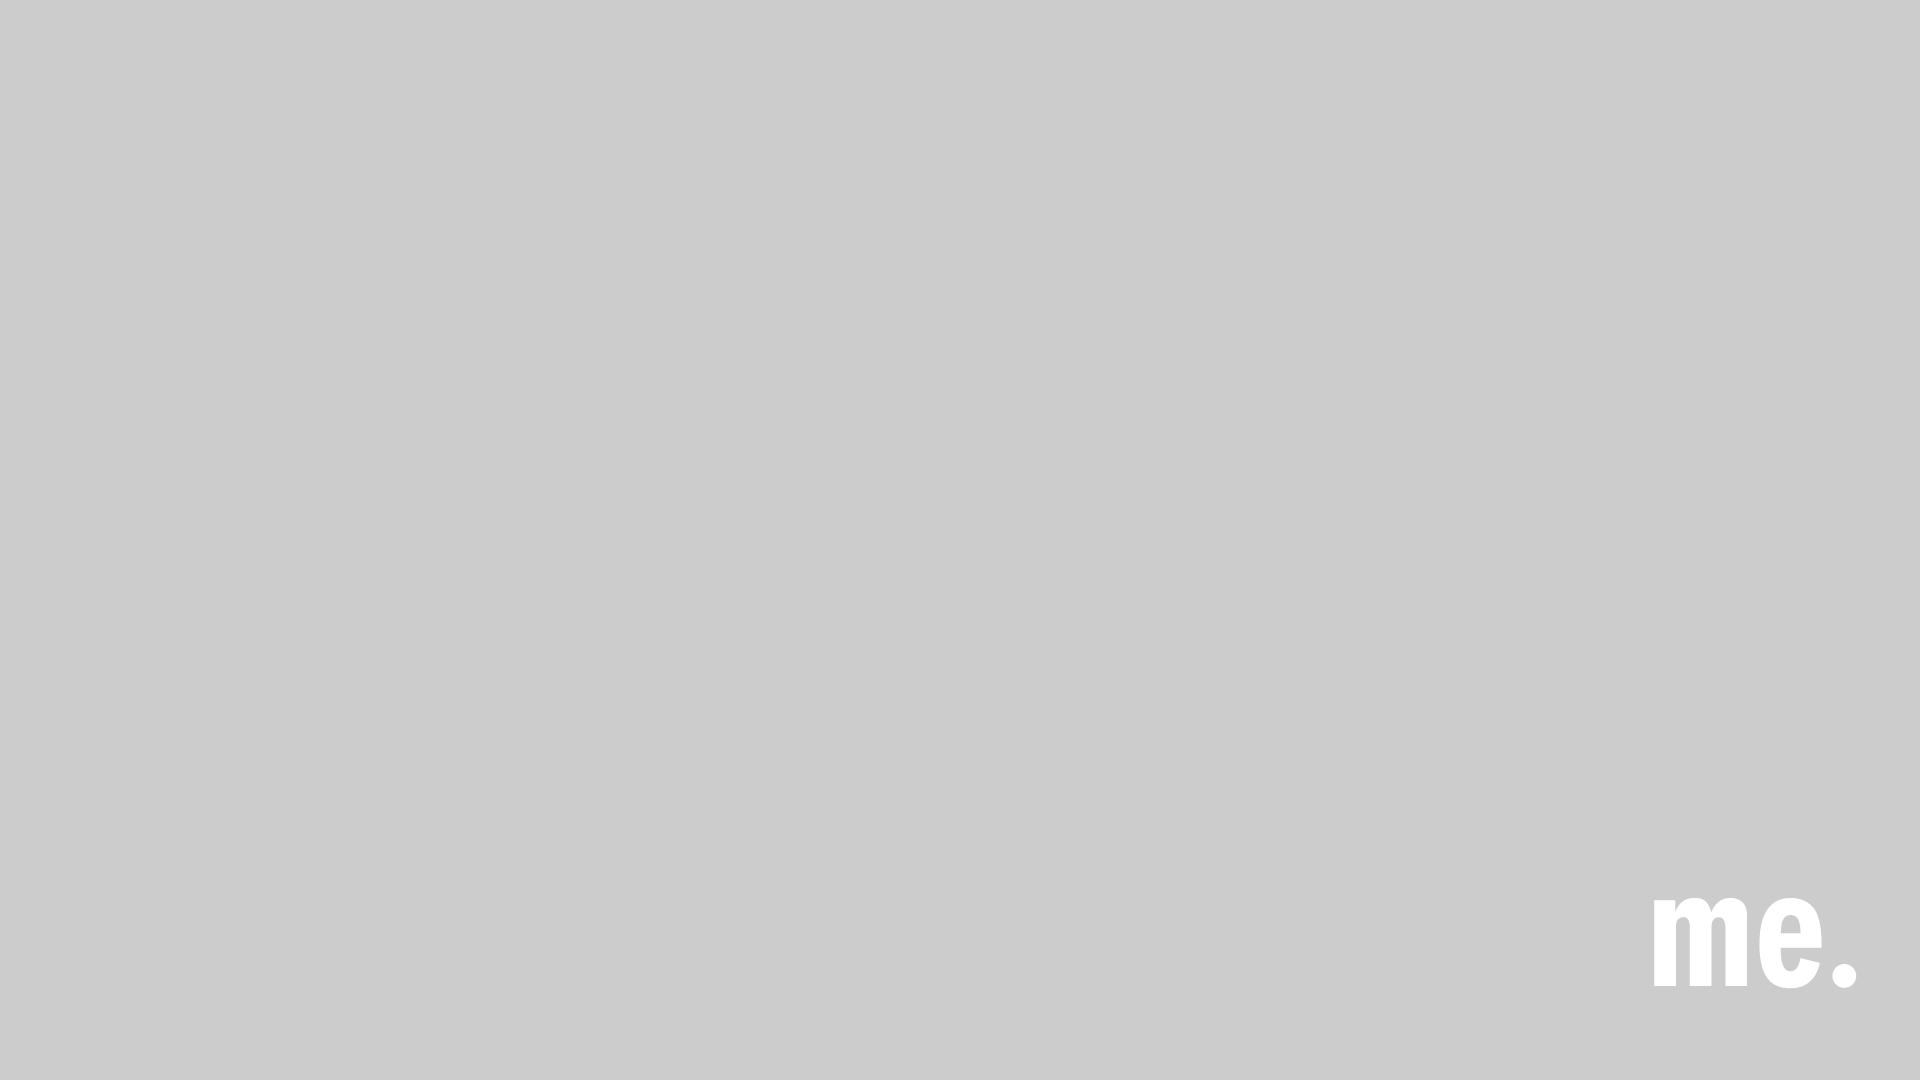 Nicht schlecht: Platz 25 für Sade mit geschätzten $33 Millionen